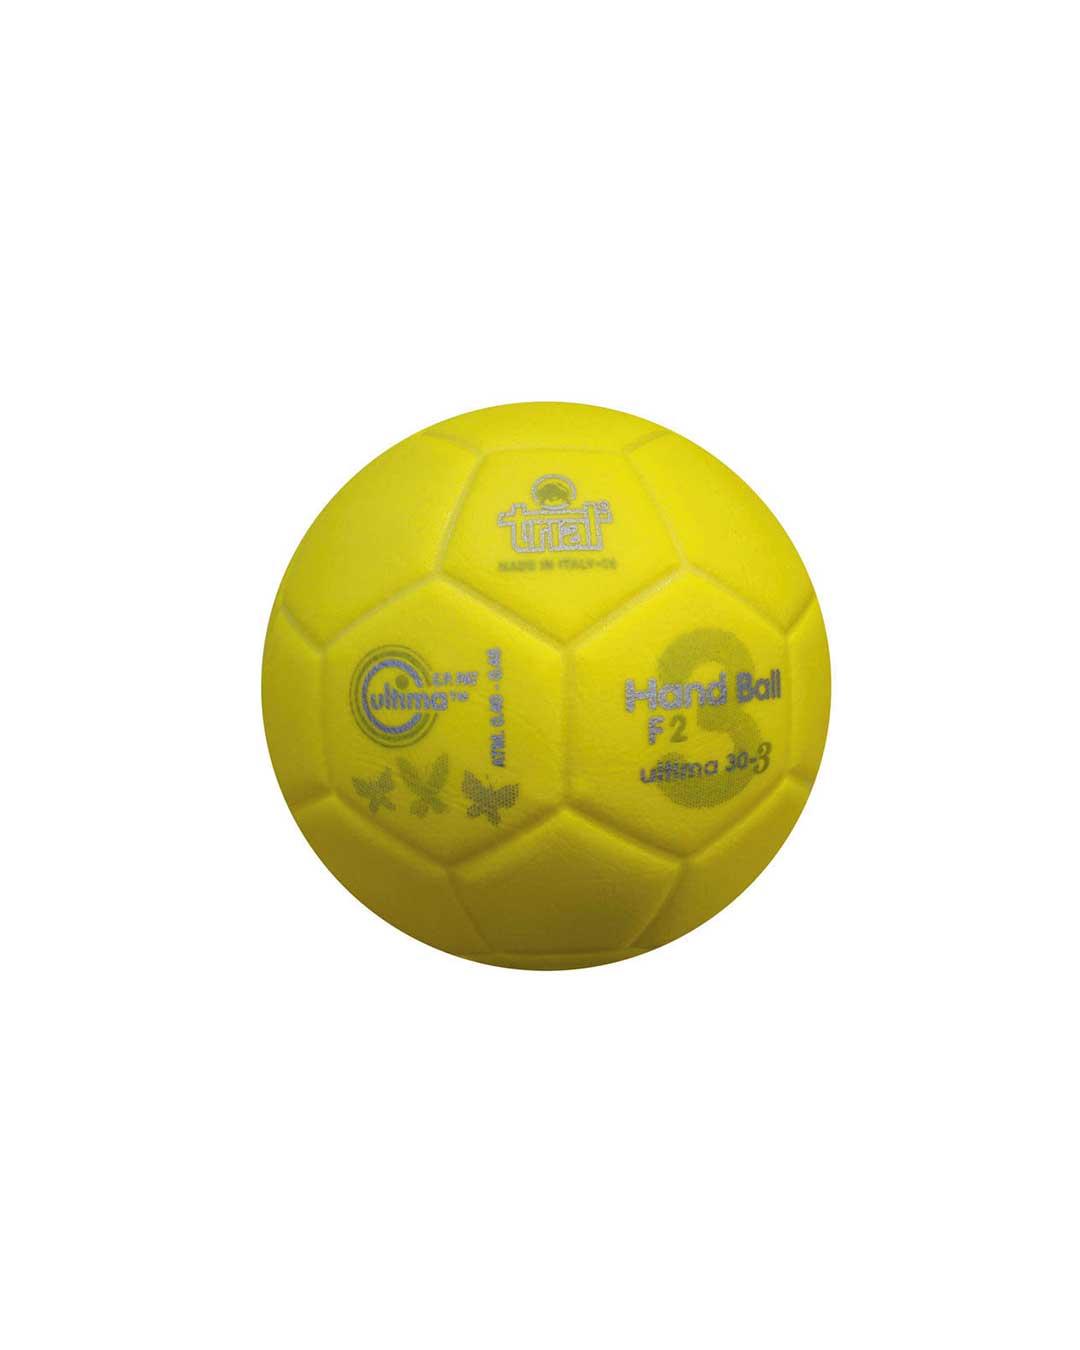 Balón de Handball Marca Trial Modelo Ultima 30-3 N° 2 amarillo